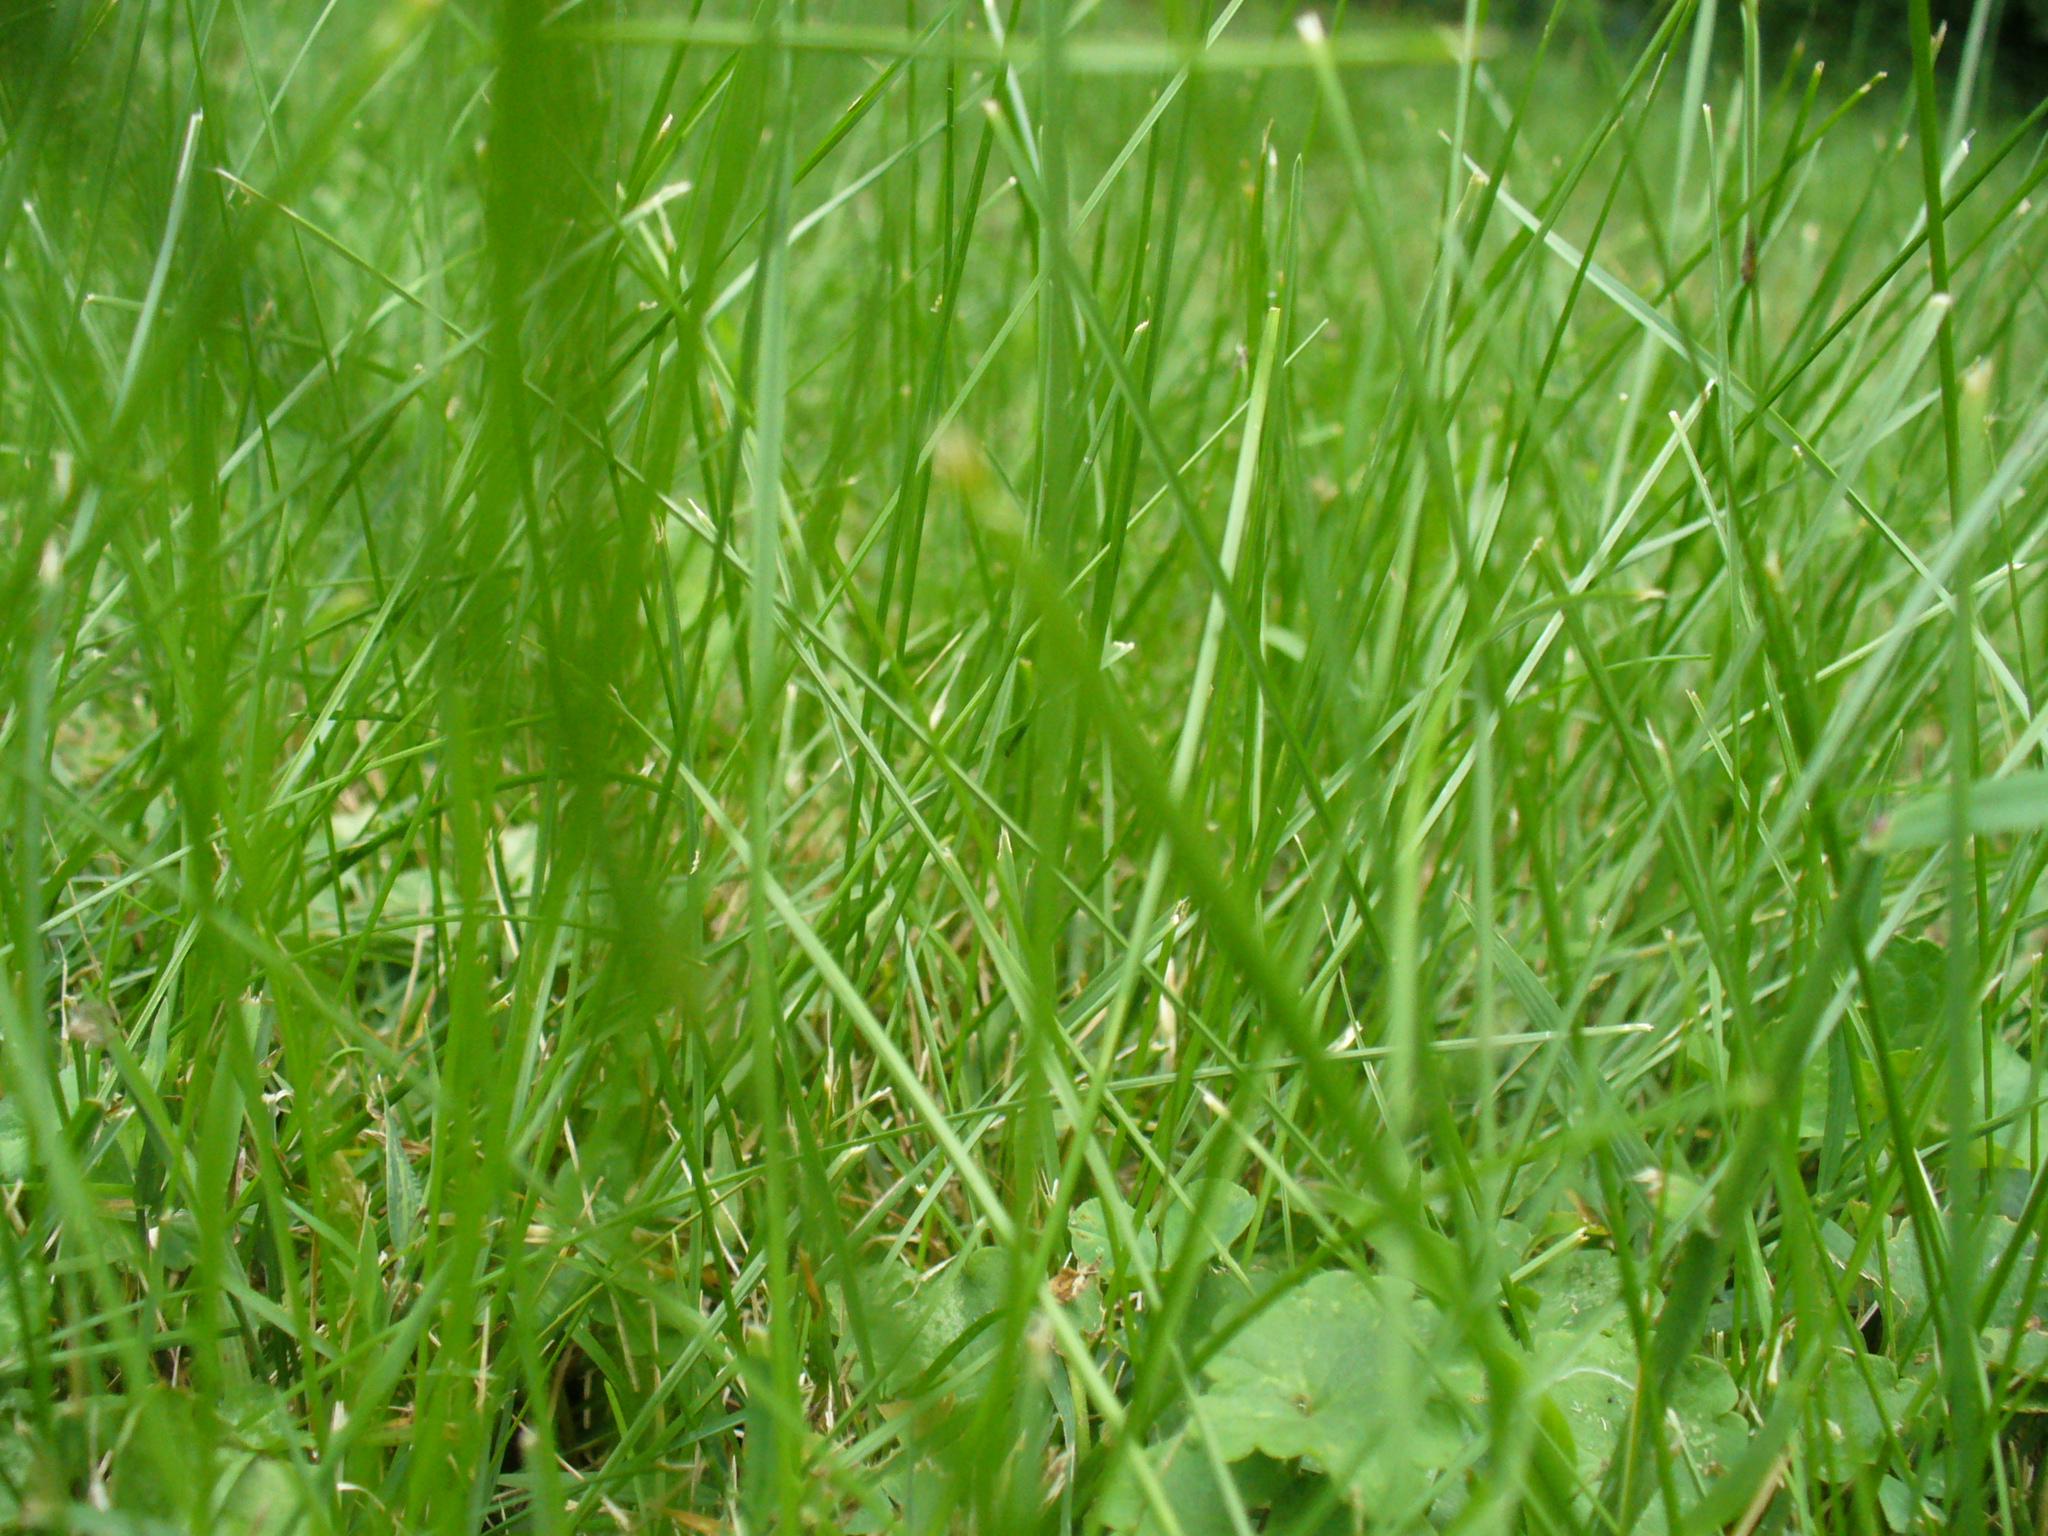 Texture: Grass